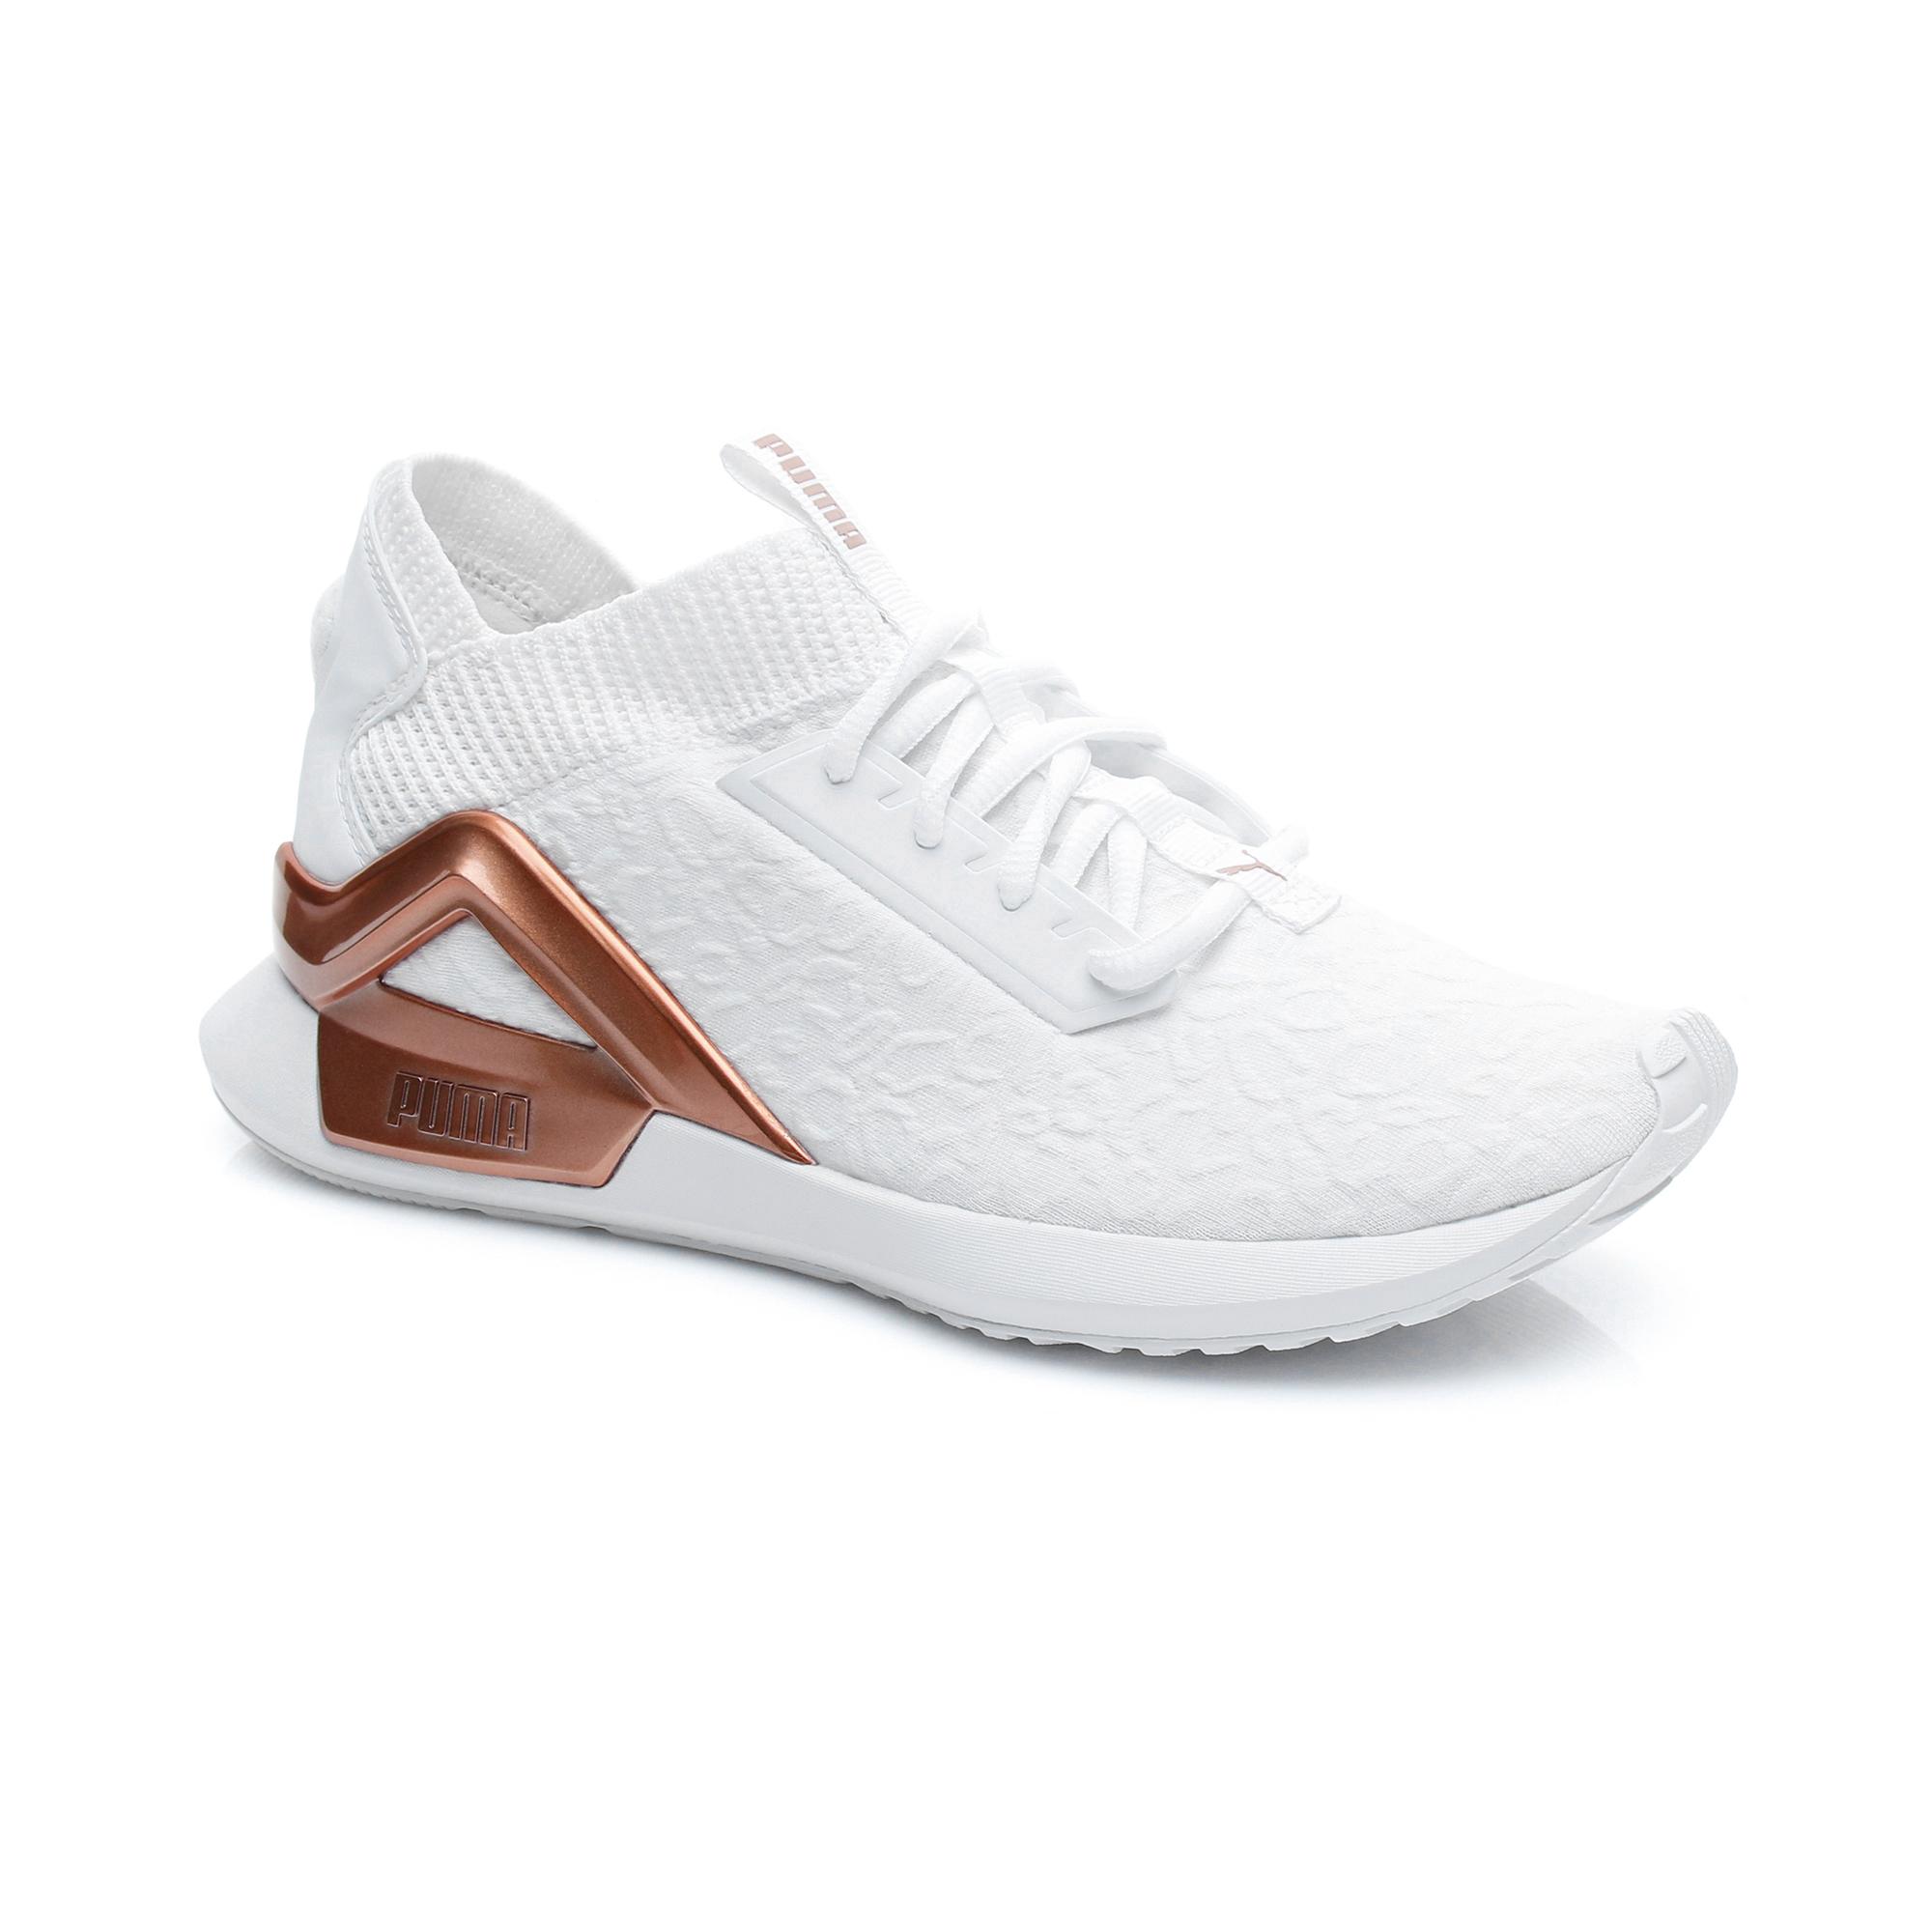 Puma Rogue Metallic Kadın Beyaz Spor Ayakkabı.192460.02